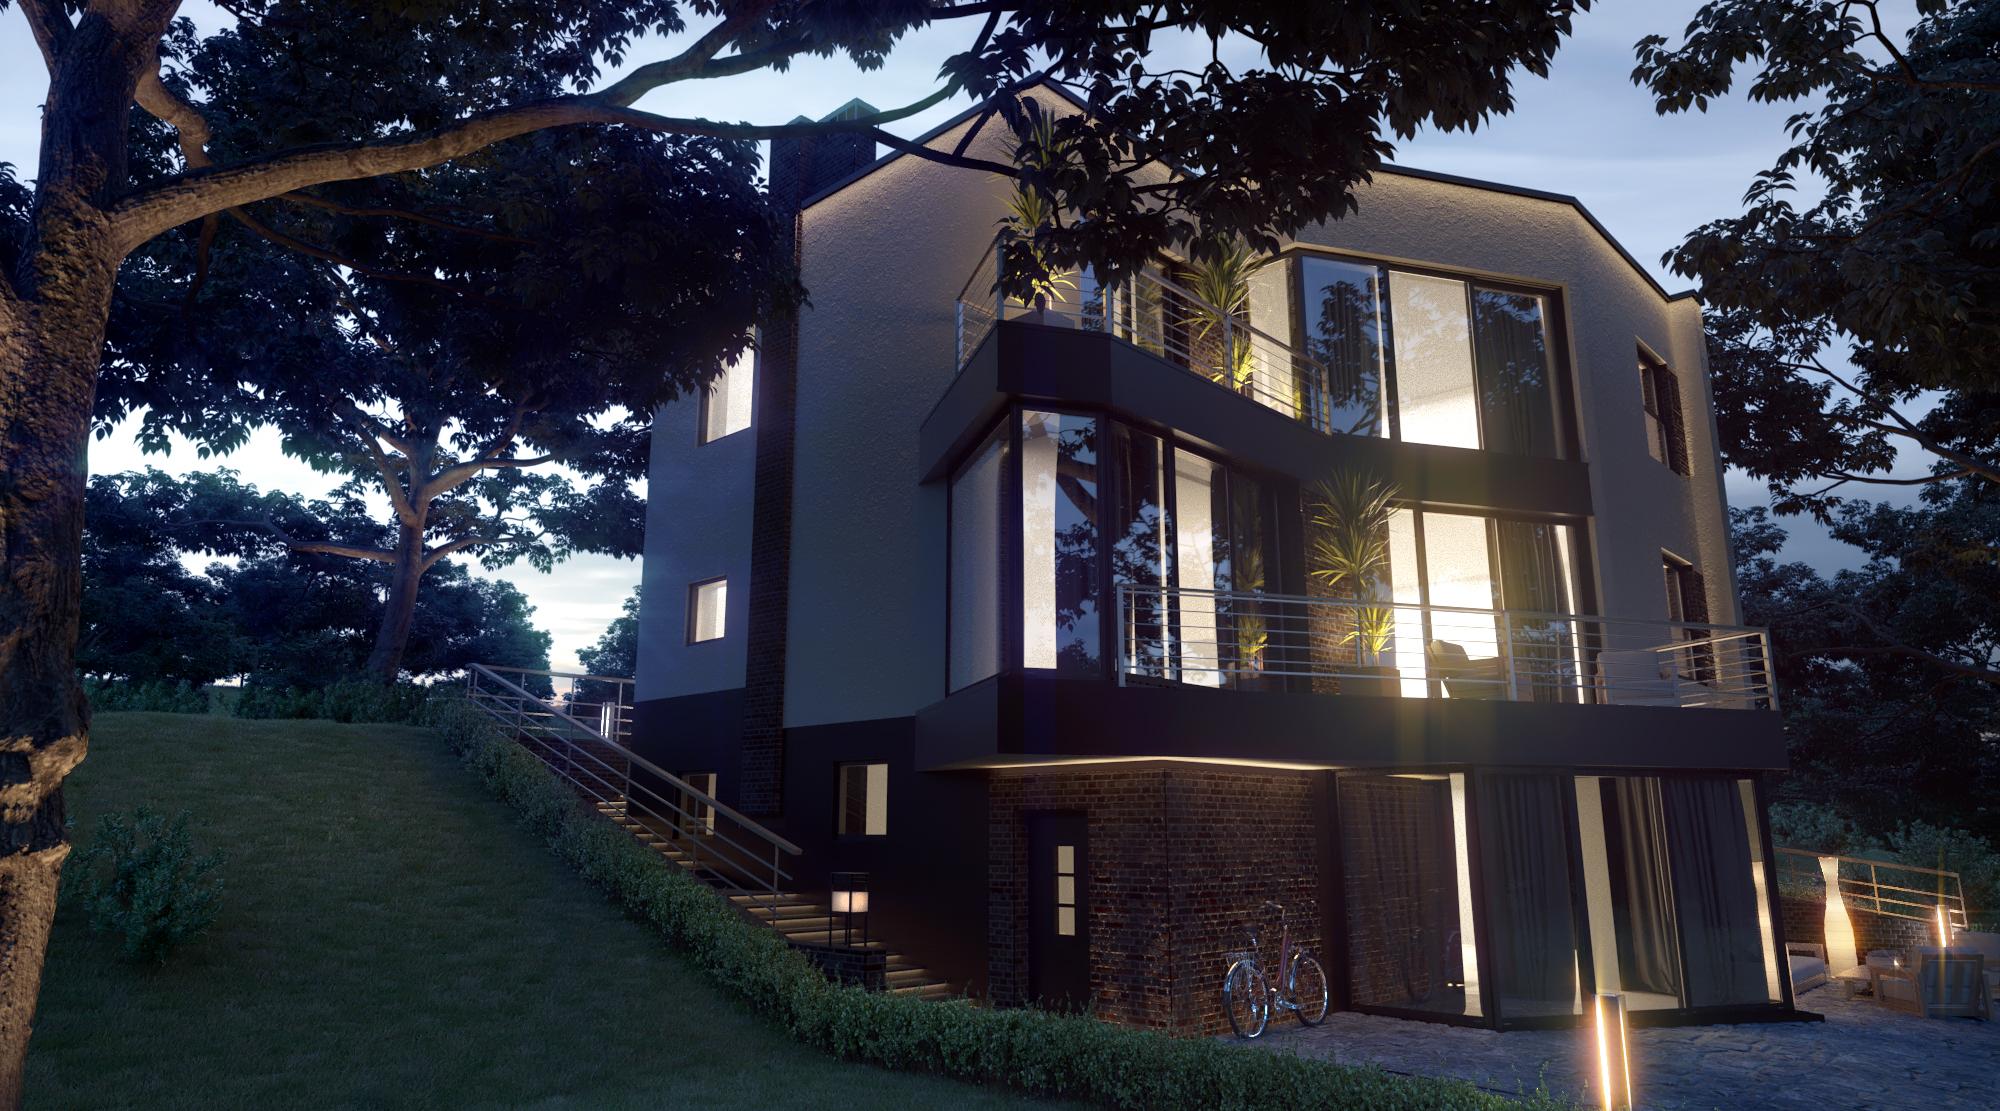 Внешний вид; Северн - проект дома с плоской кровлей и террасами на склоне